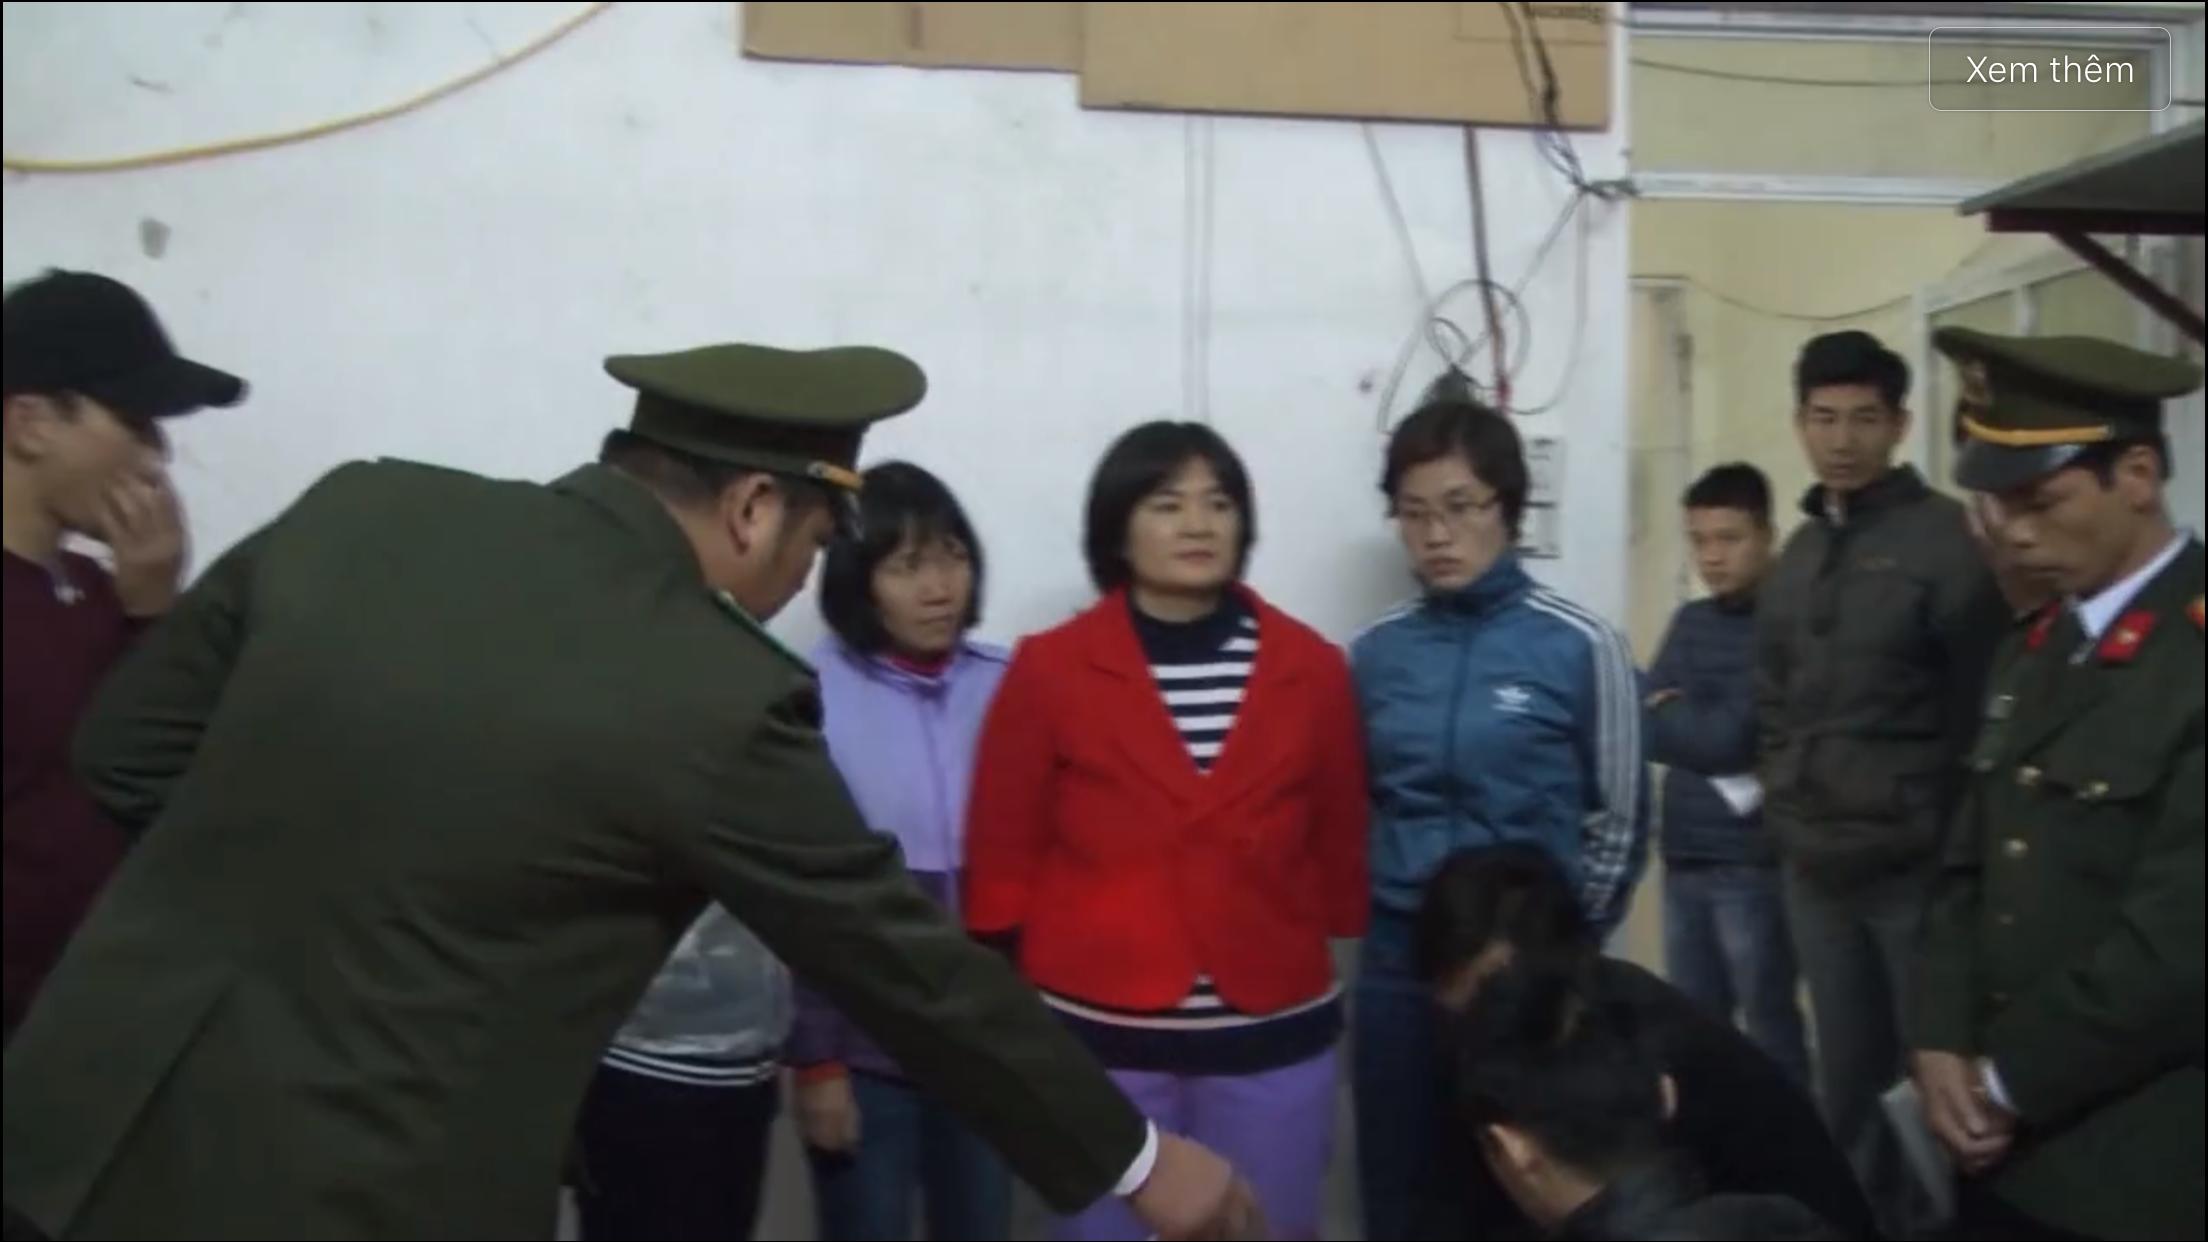 Nhà hoạt động Trần Thị Nga bị công an Hà Nam khởi tố bắt giam theo điều 88